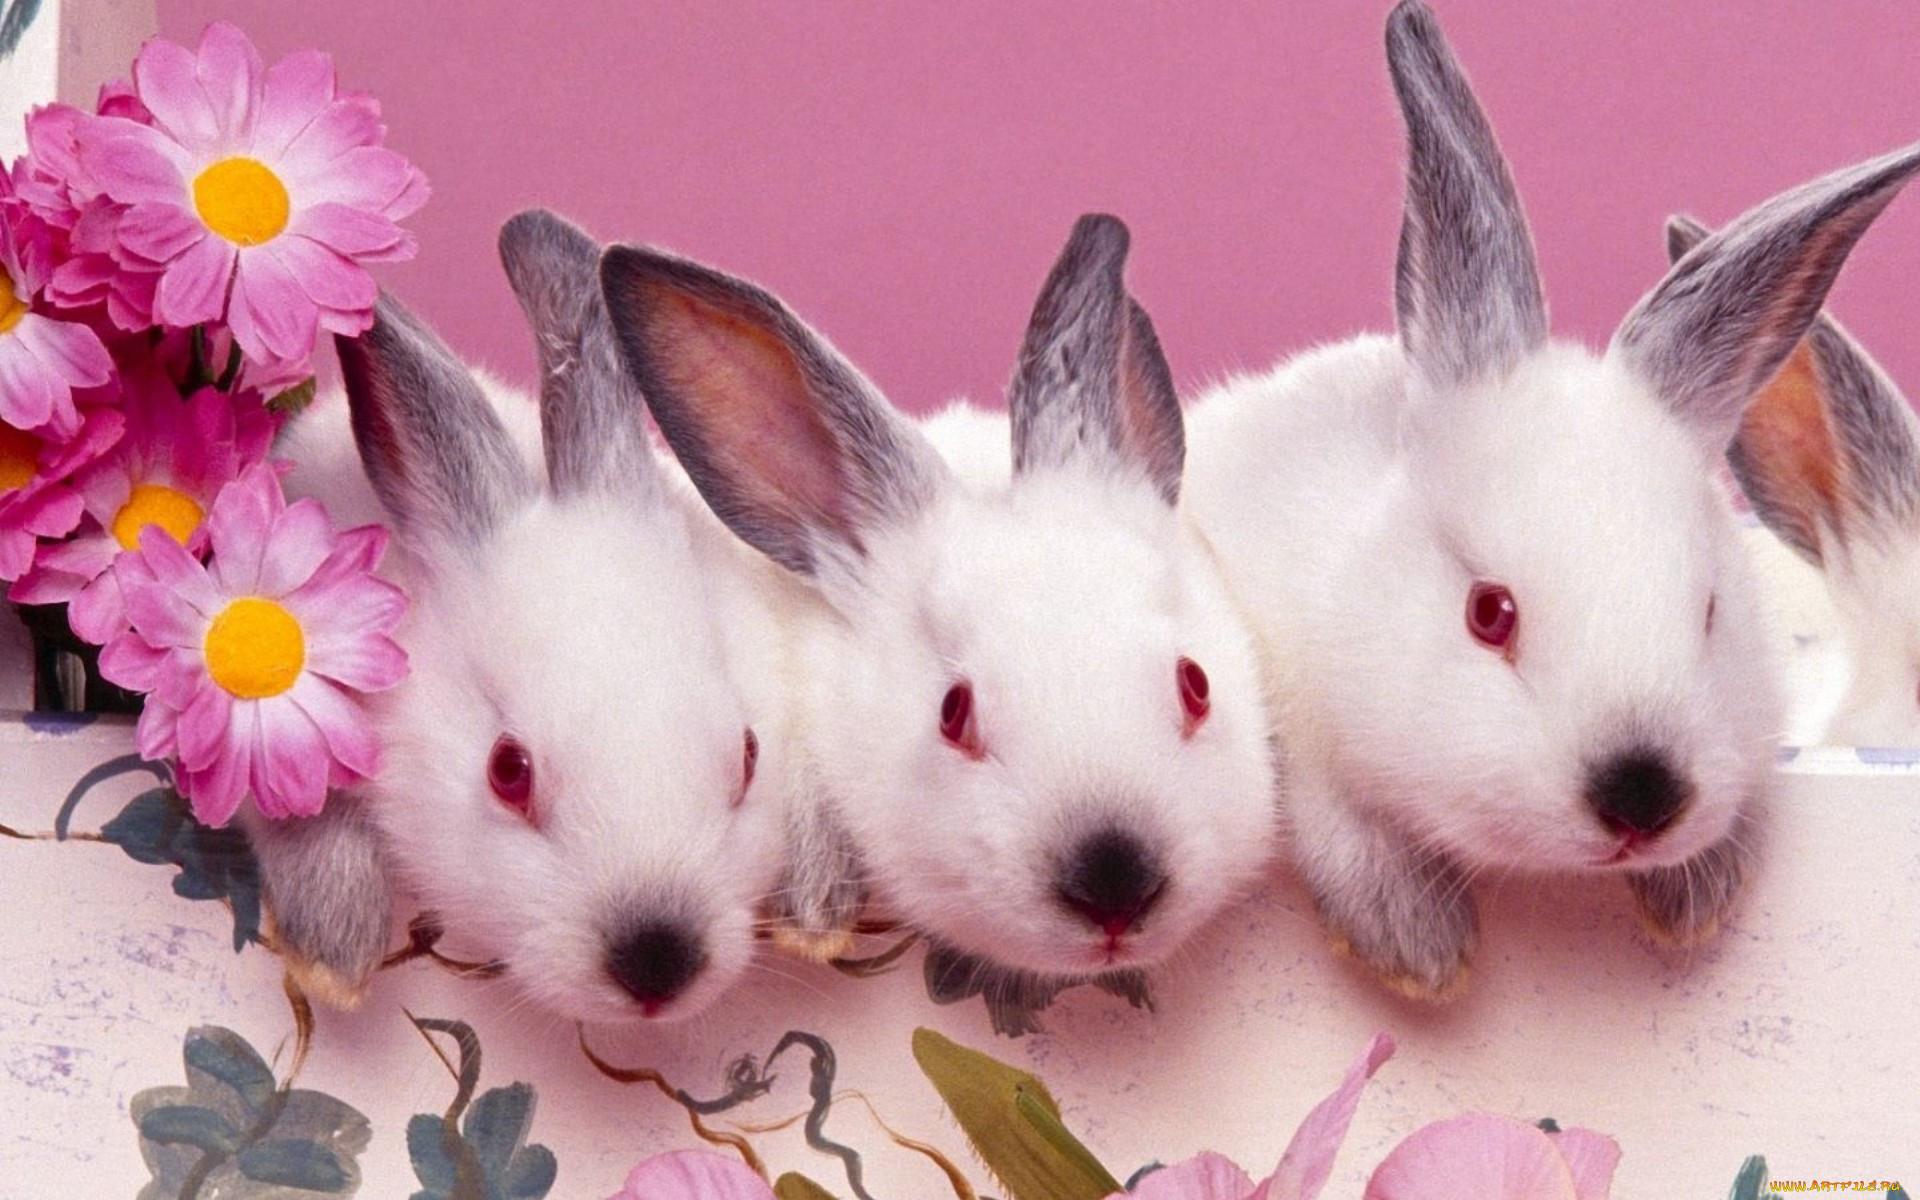 движущиеся картинки с кроликами спину, прямые руки